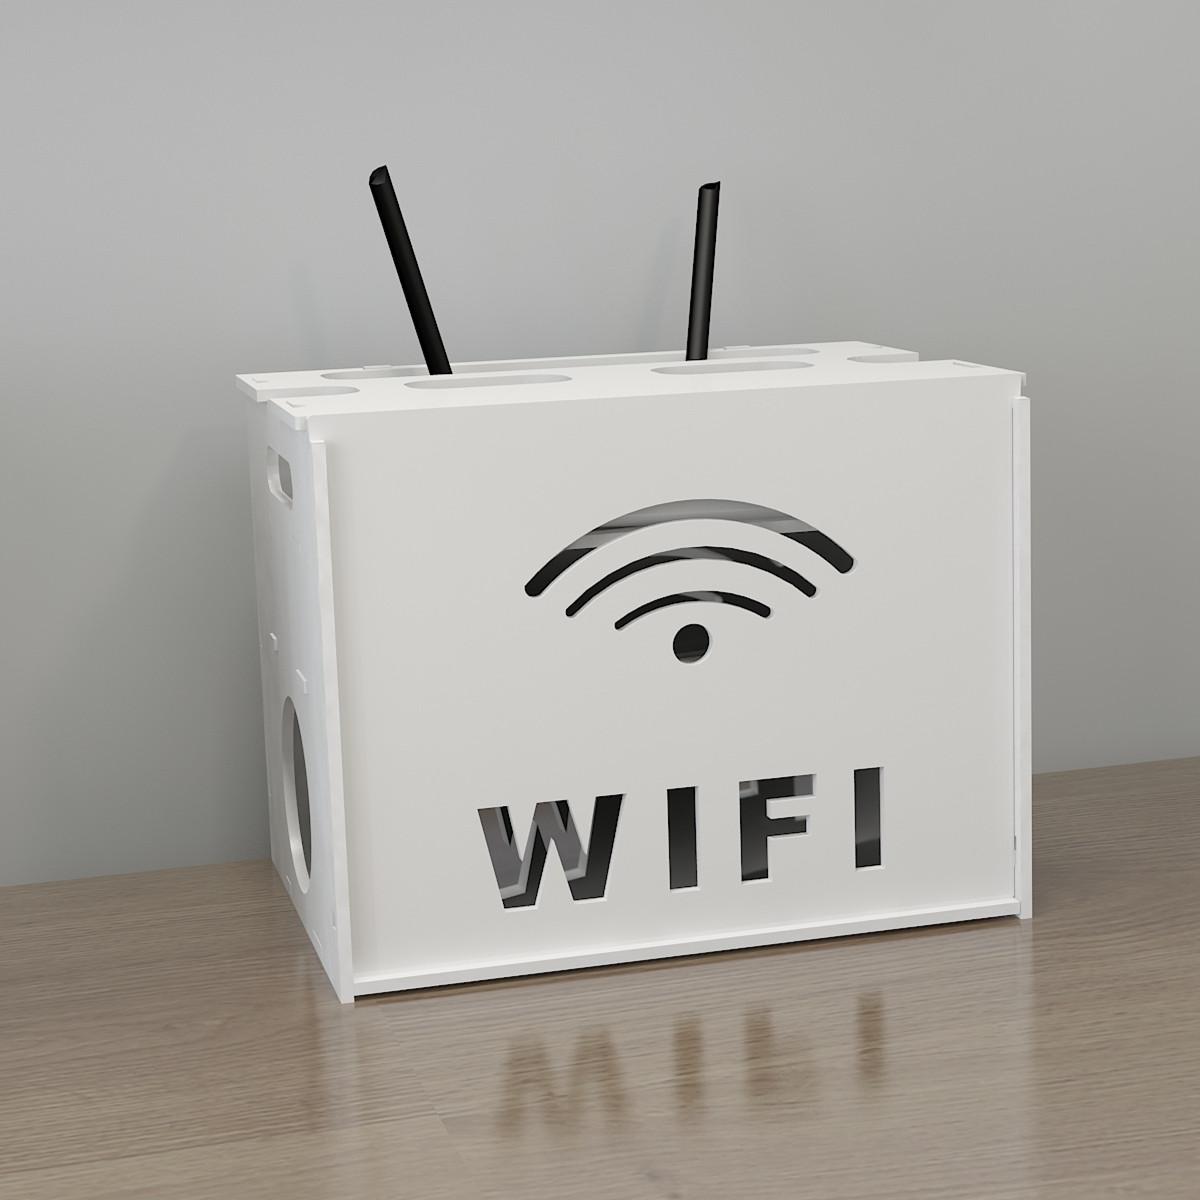 wifi收纳盒机顶盒路由器收纳盒安全透气电线插排插座modem猫收藏